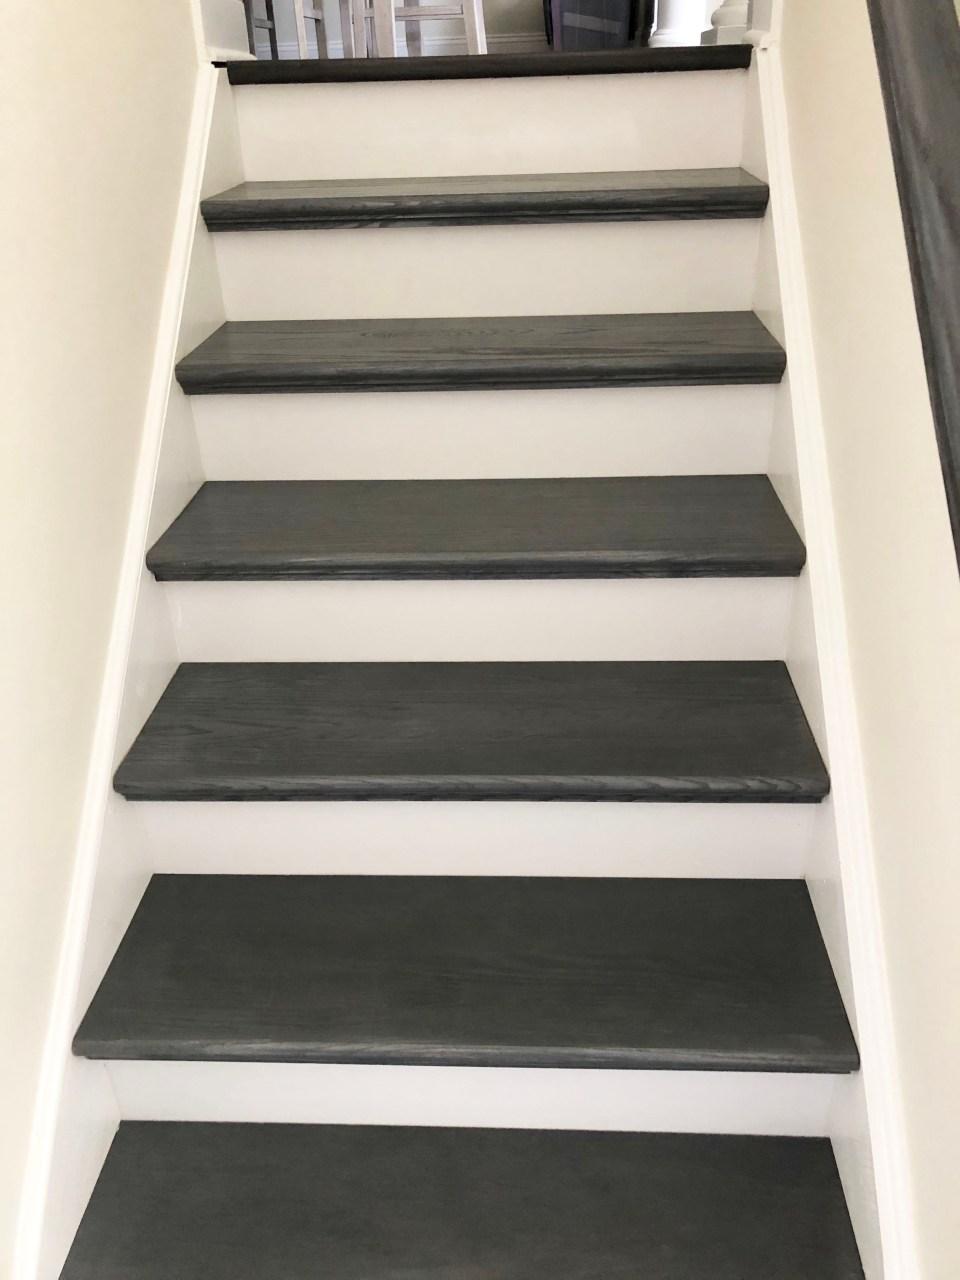 Foyer - Stairs Update 24